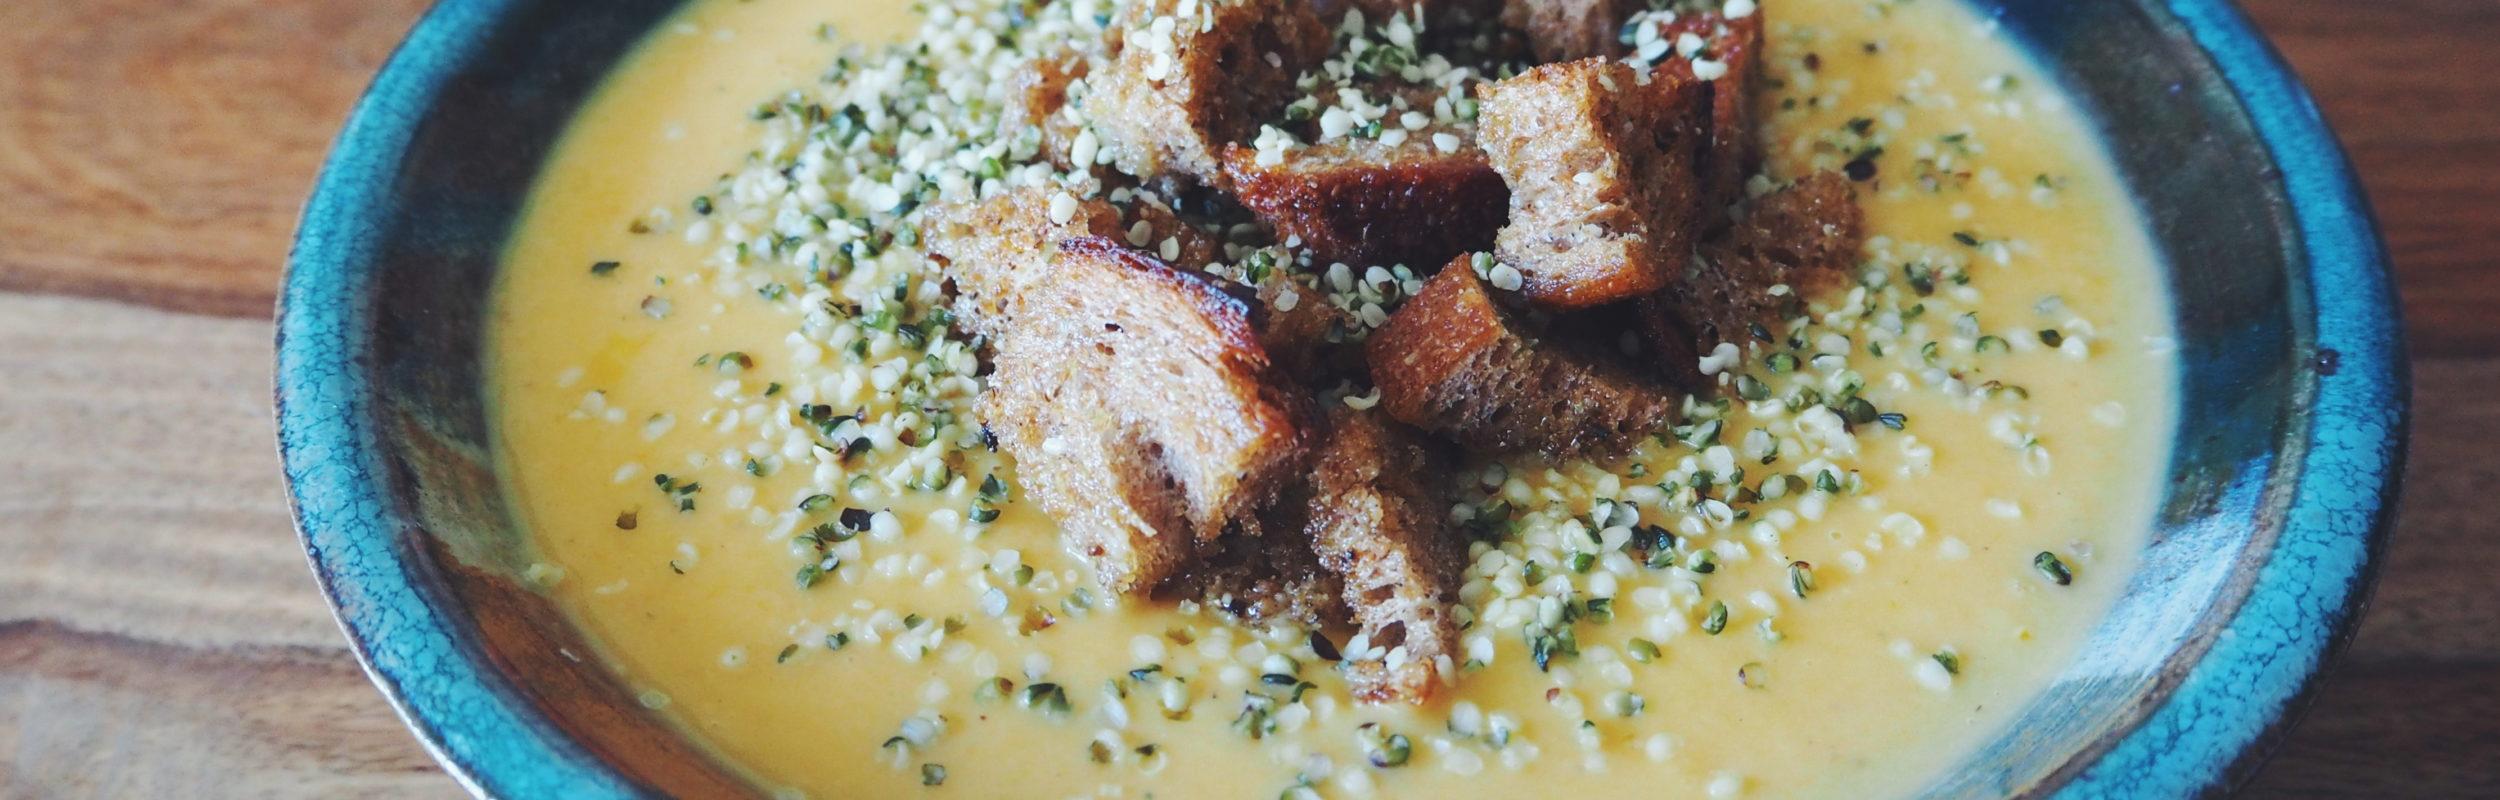 Velouté chou-fleur, lentilles corail, carotte au lait de coco et curry